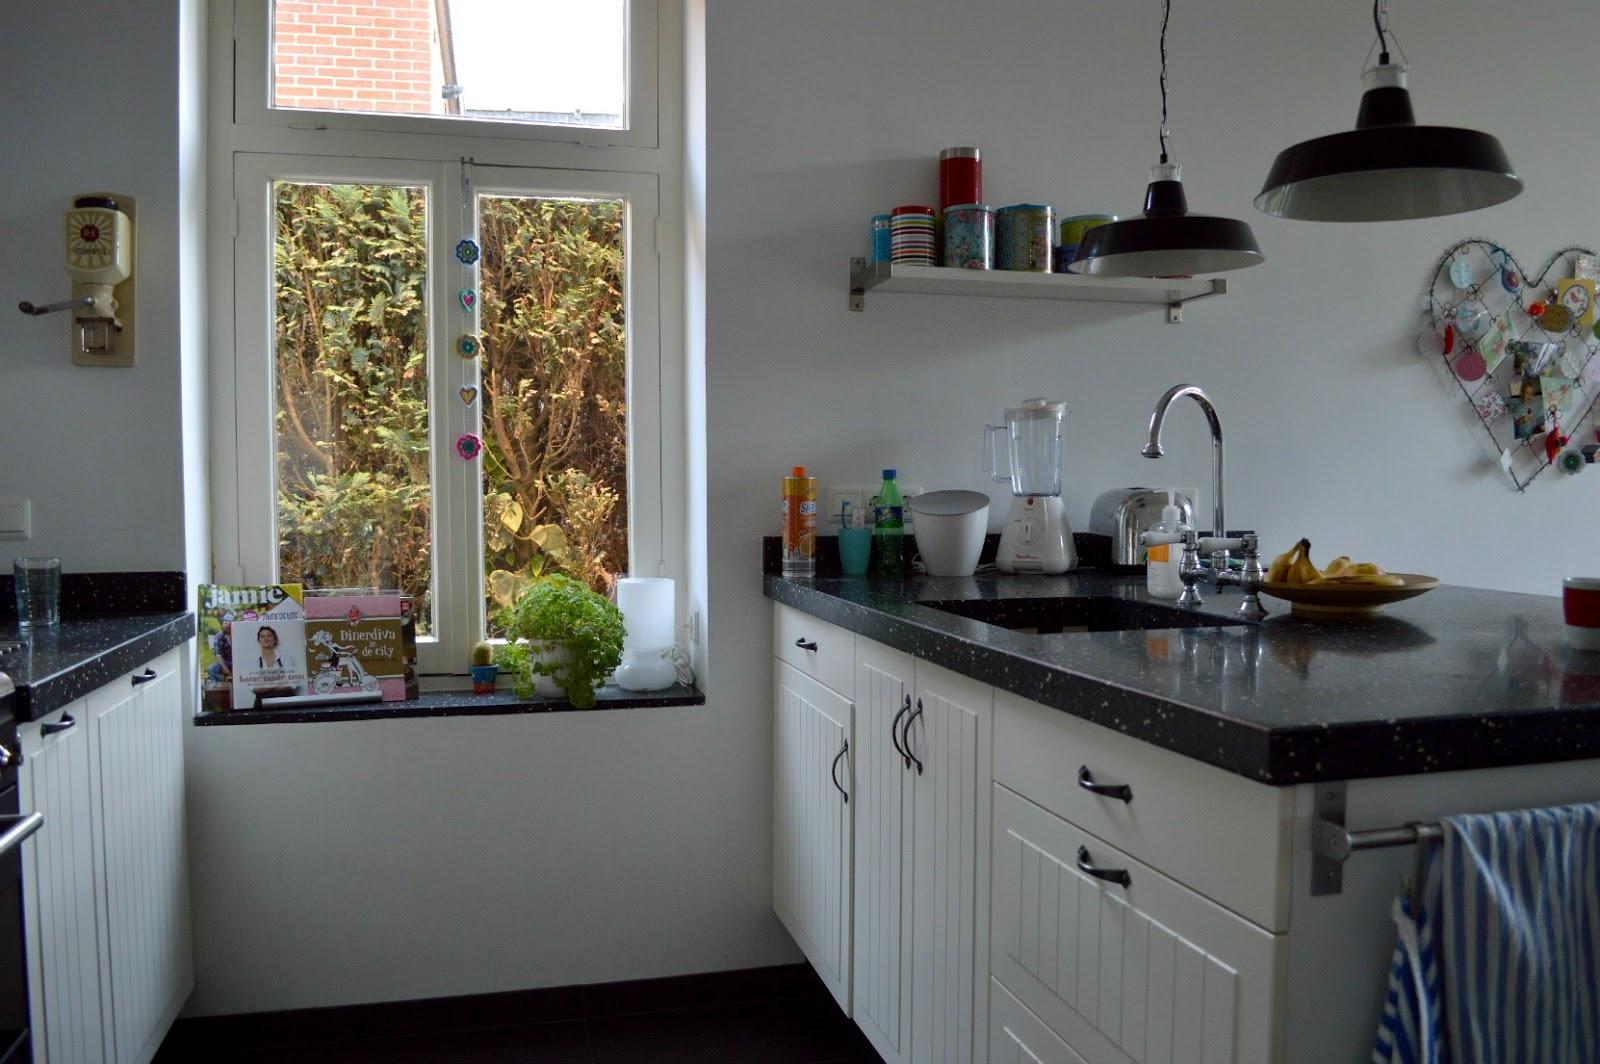 Ellebel nieuwe lik verf - Verf keuken lichtgrijs ...